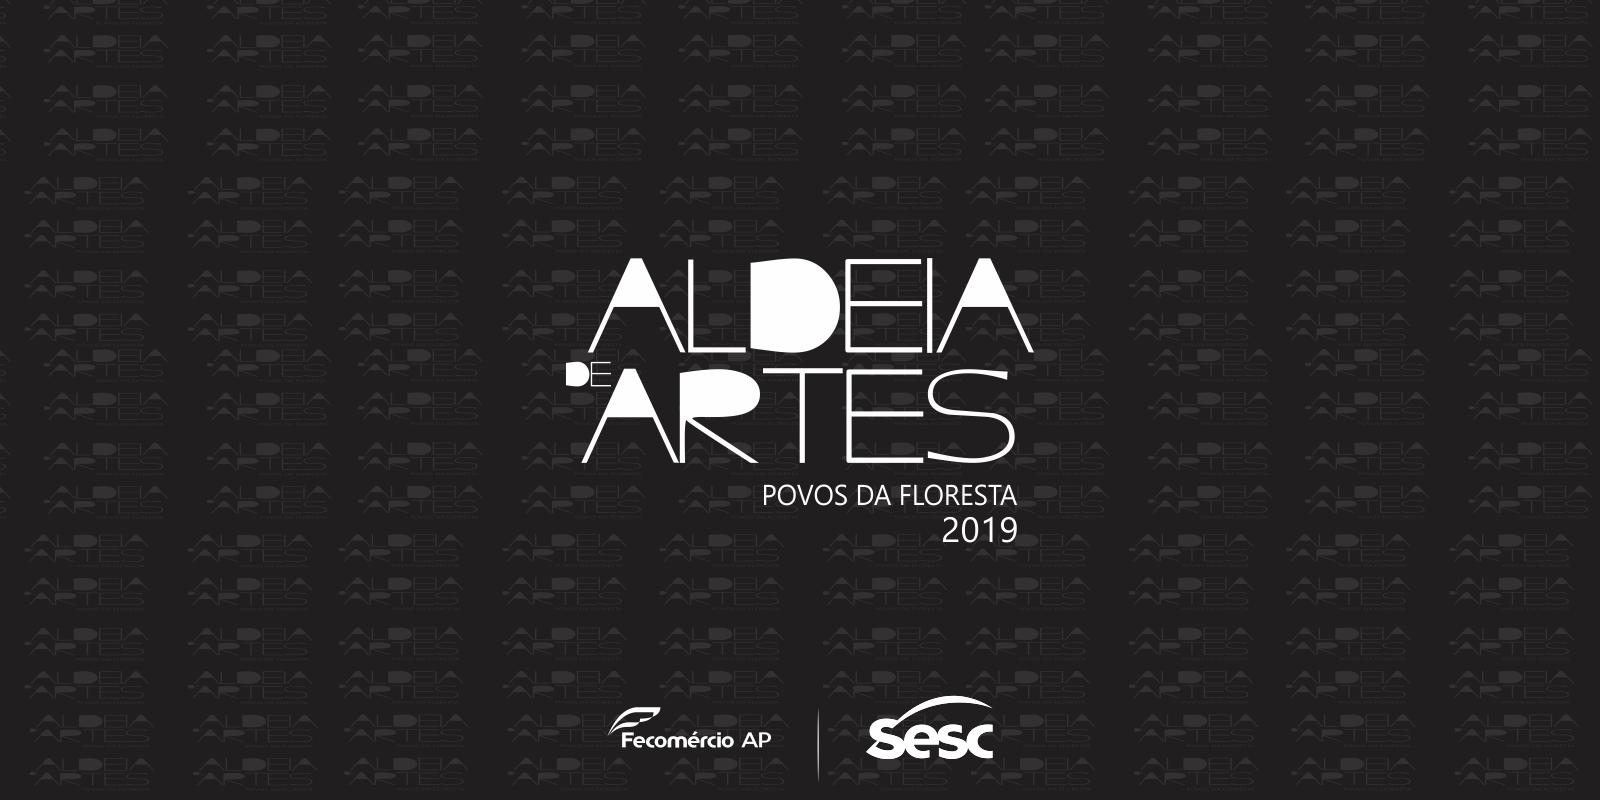 Sesc AP promove espetáculos e oficinas na 13ª edição do Projeto Aldeia de Artes